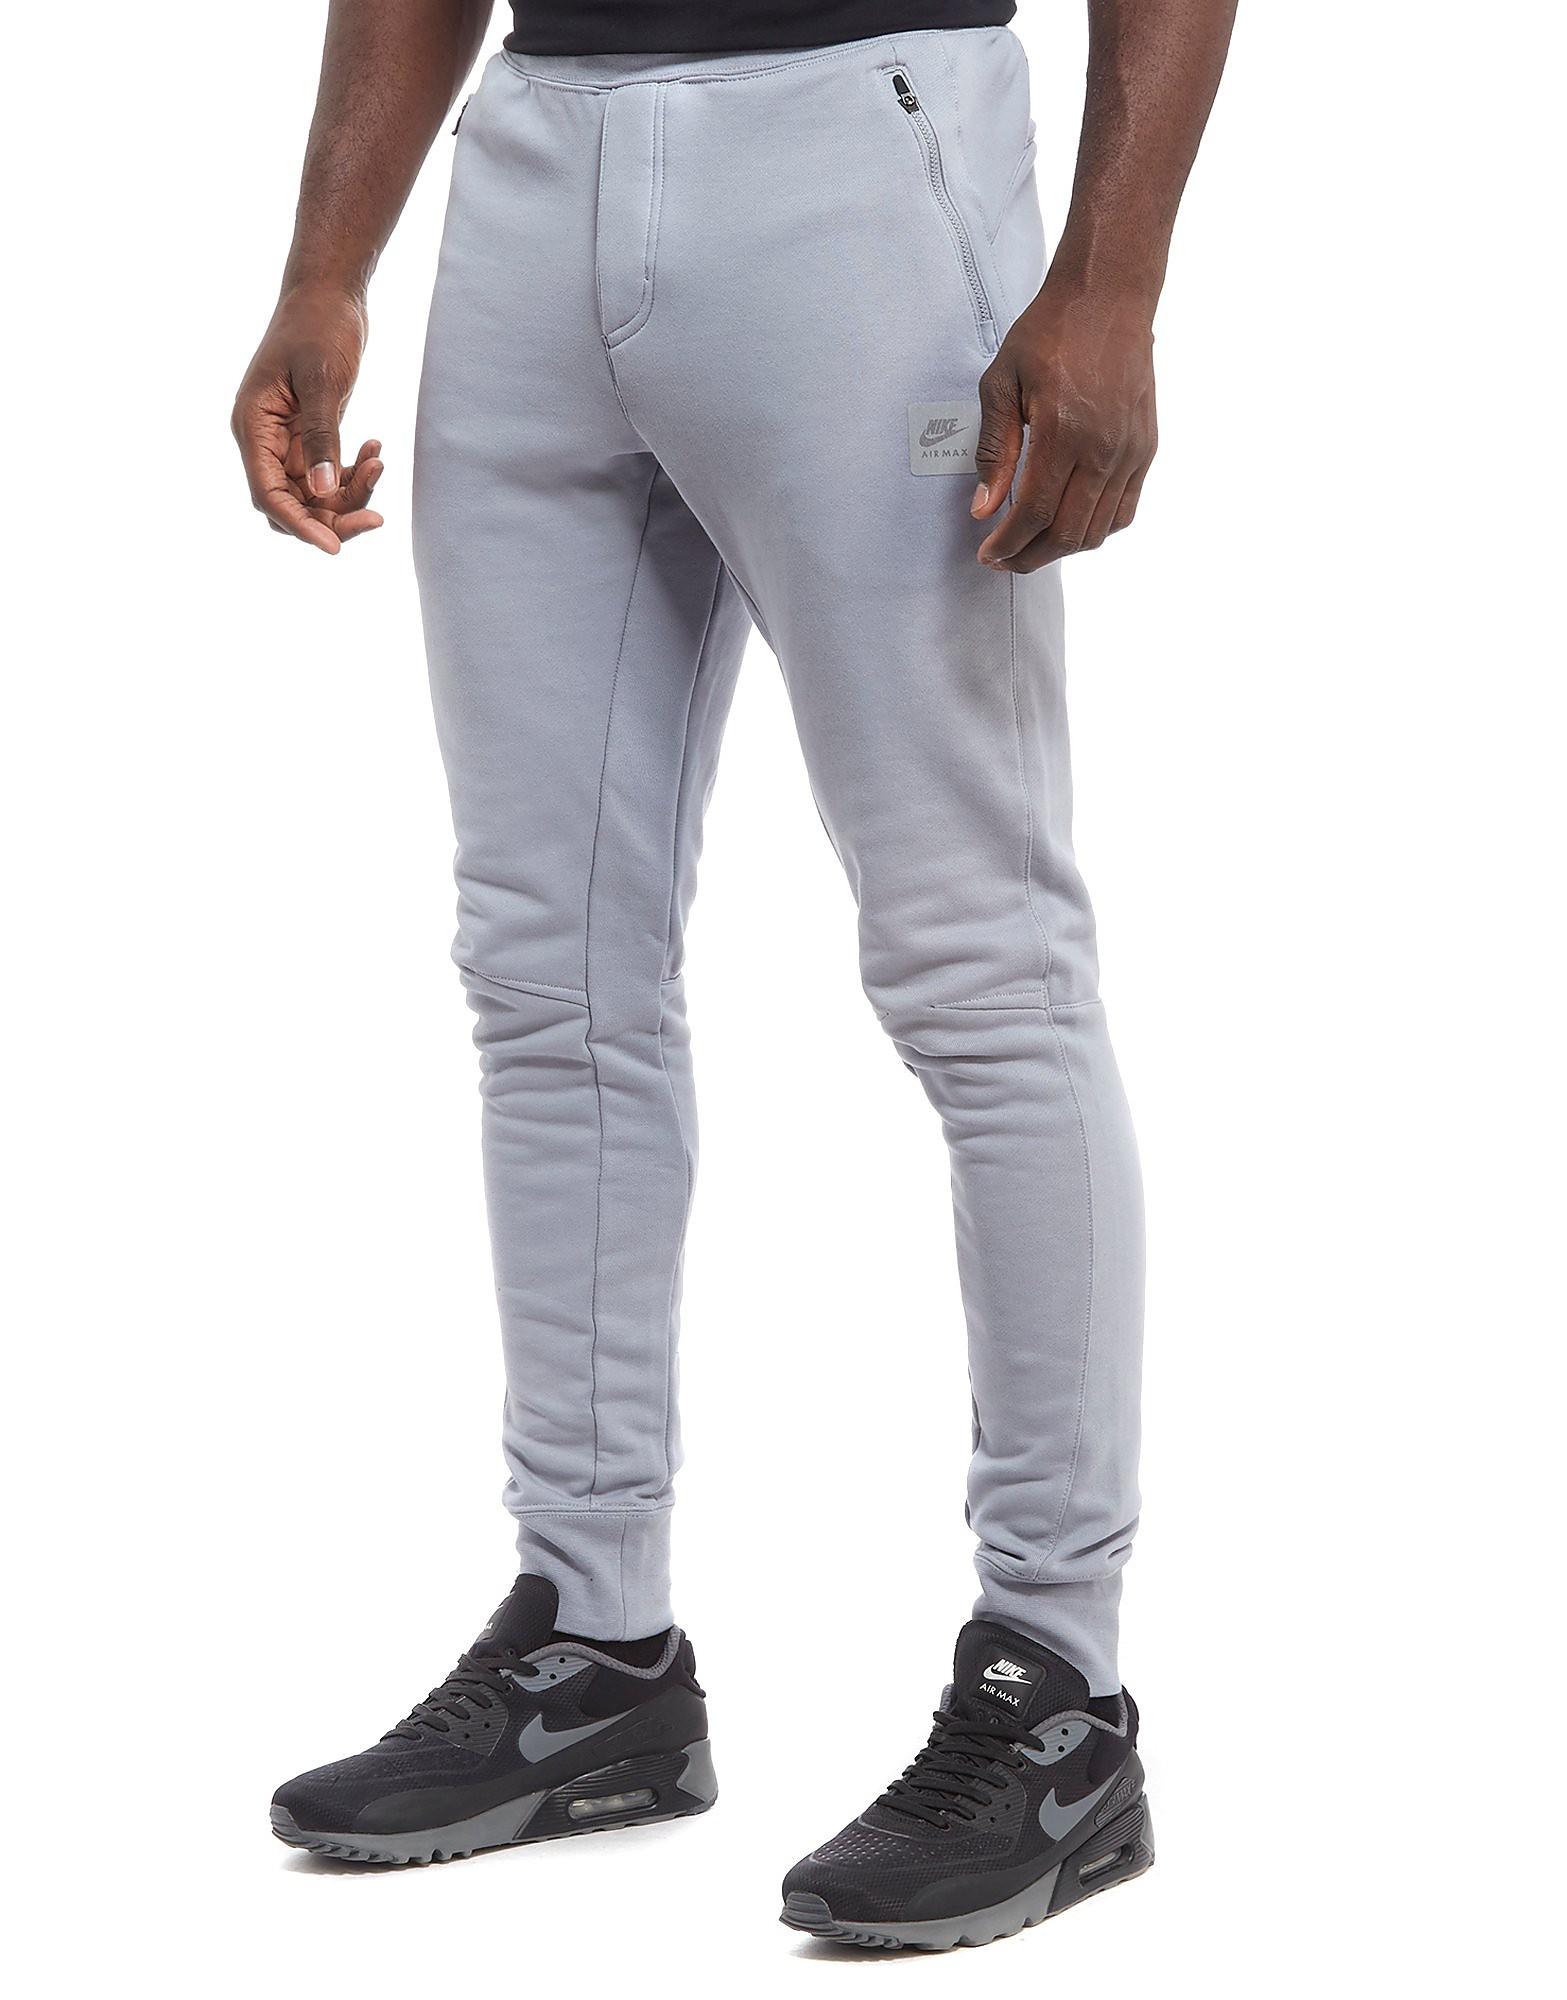 Nike Air Max FT Pants